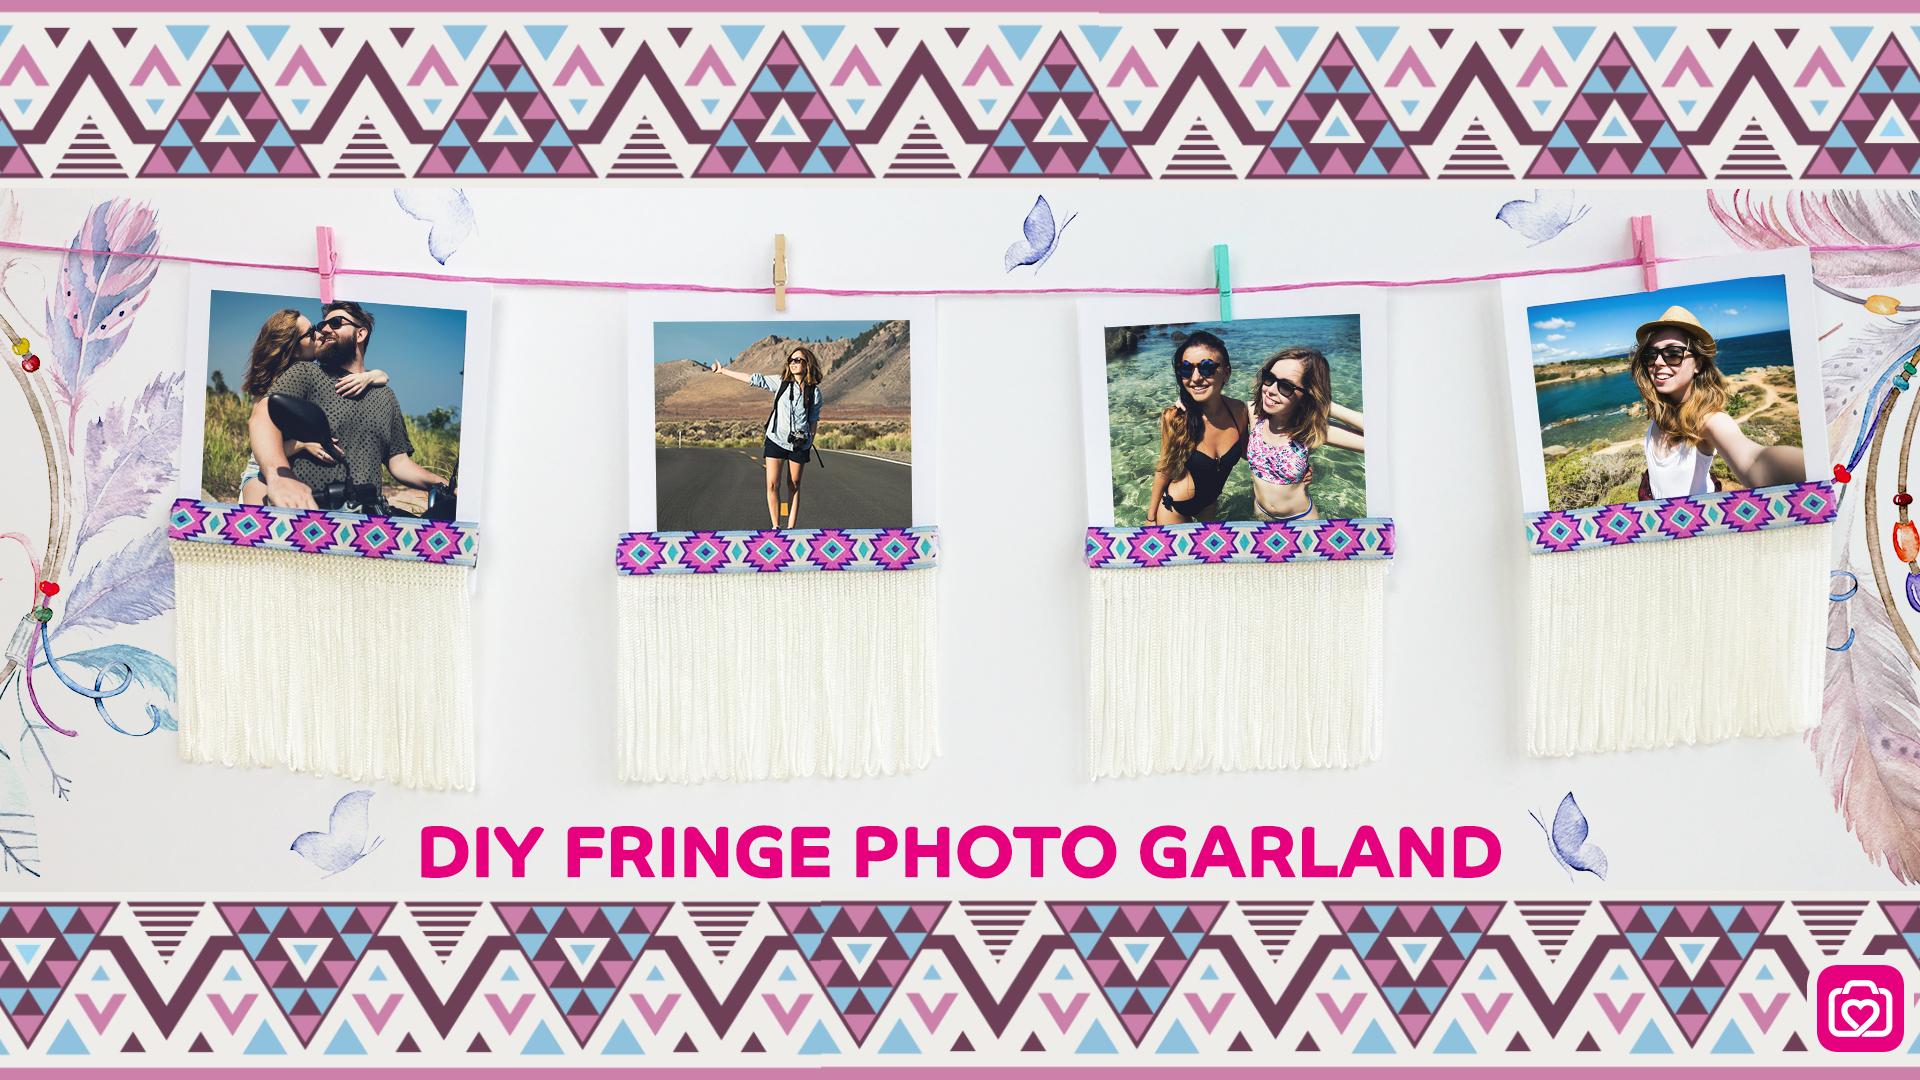 DIY Fringe Photo Garland